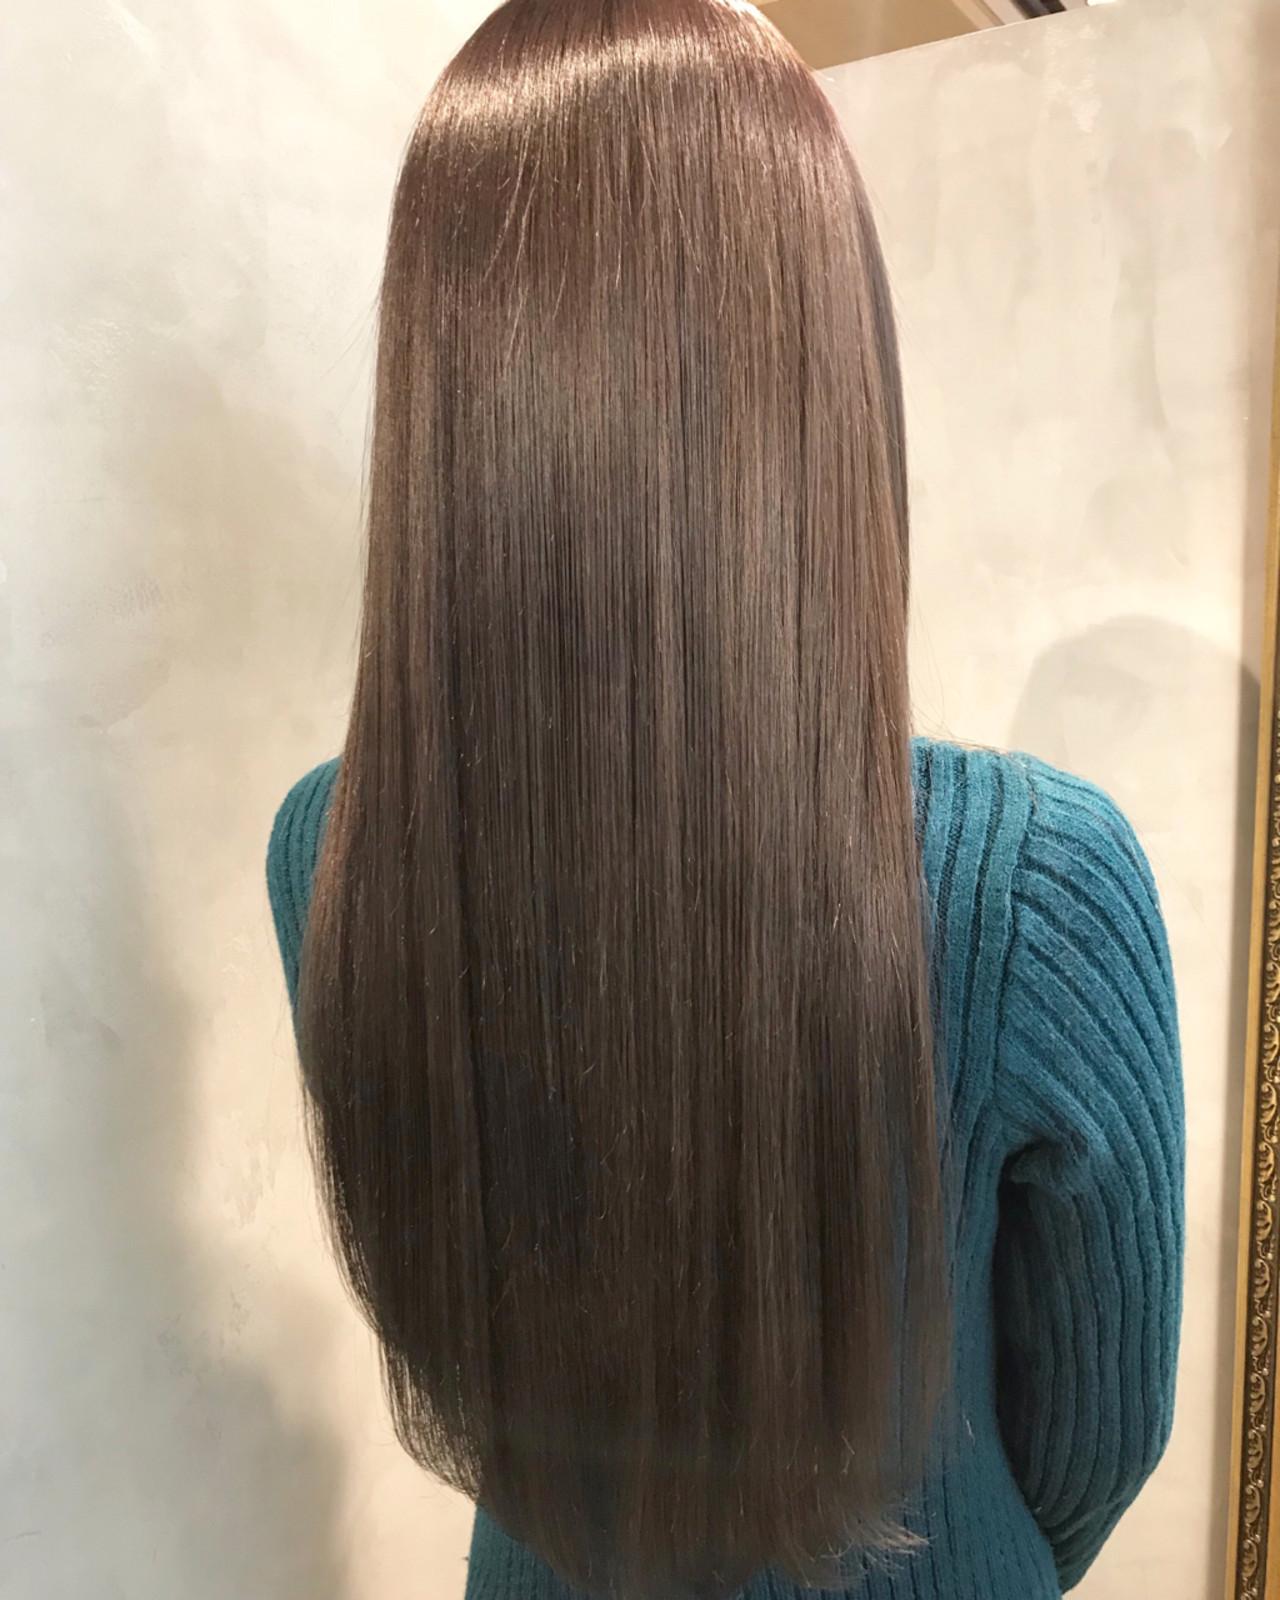 後ろ姿まで綺麗なロングストレートヘア miya/@1031miya | フリーランス(XENA)